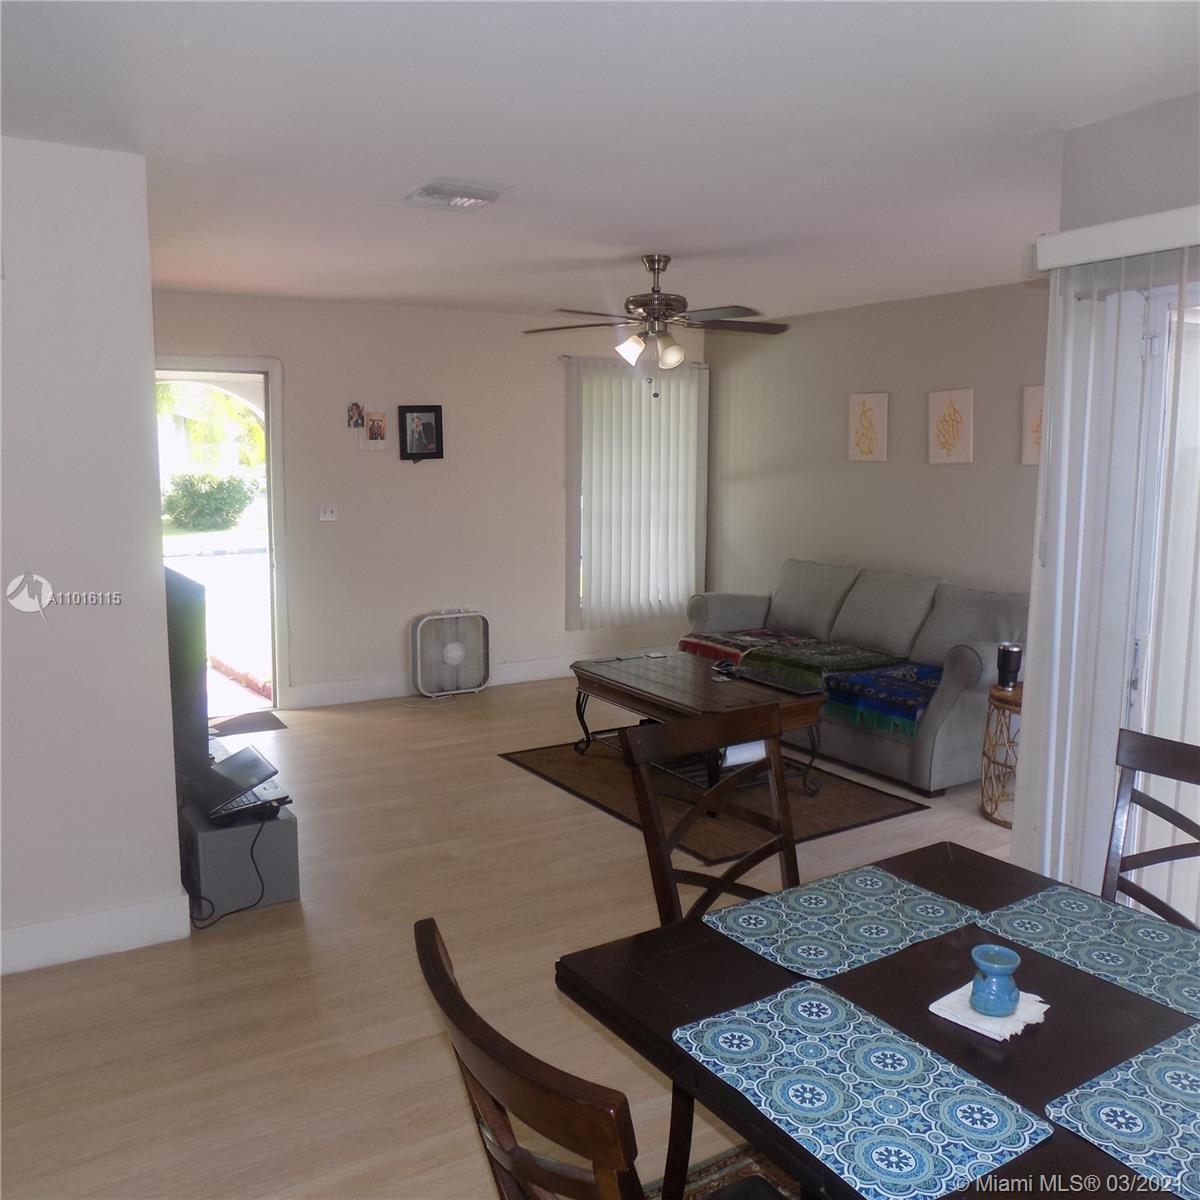 12715 SW 150 ter, Miami, FL 33186 - #: A11016115